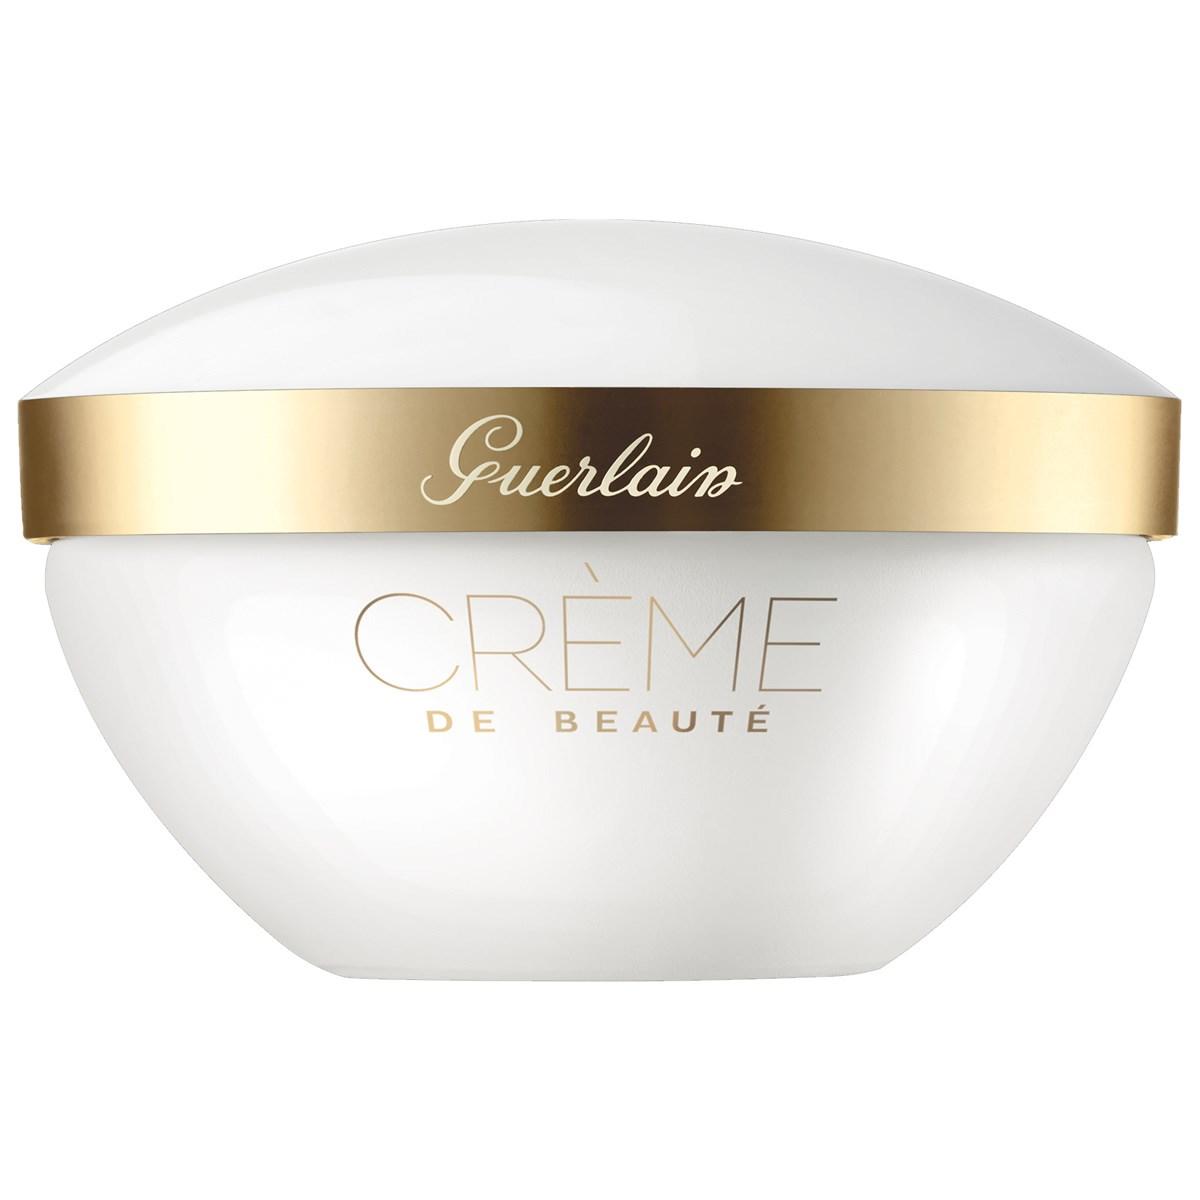 Guerlain Crème de Beaute Cleansing Cream